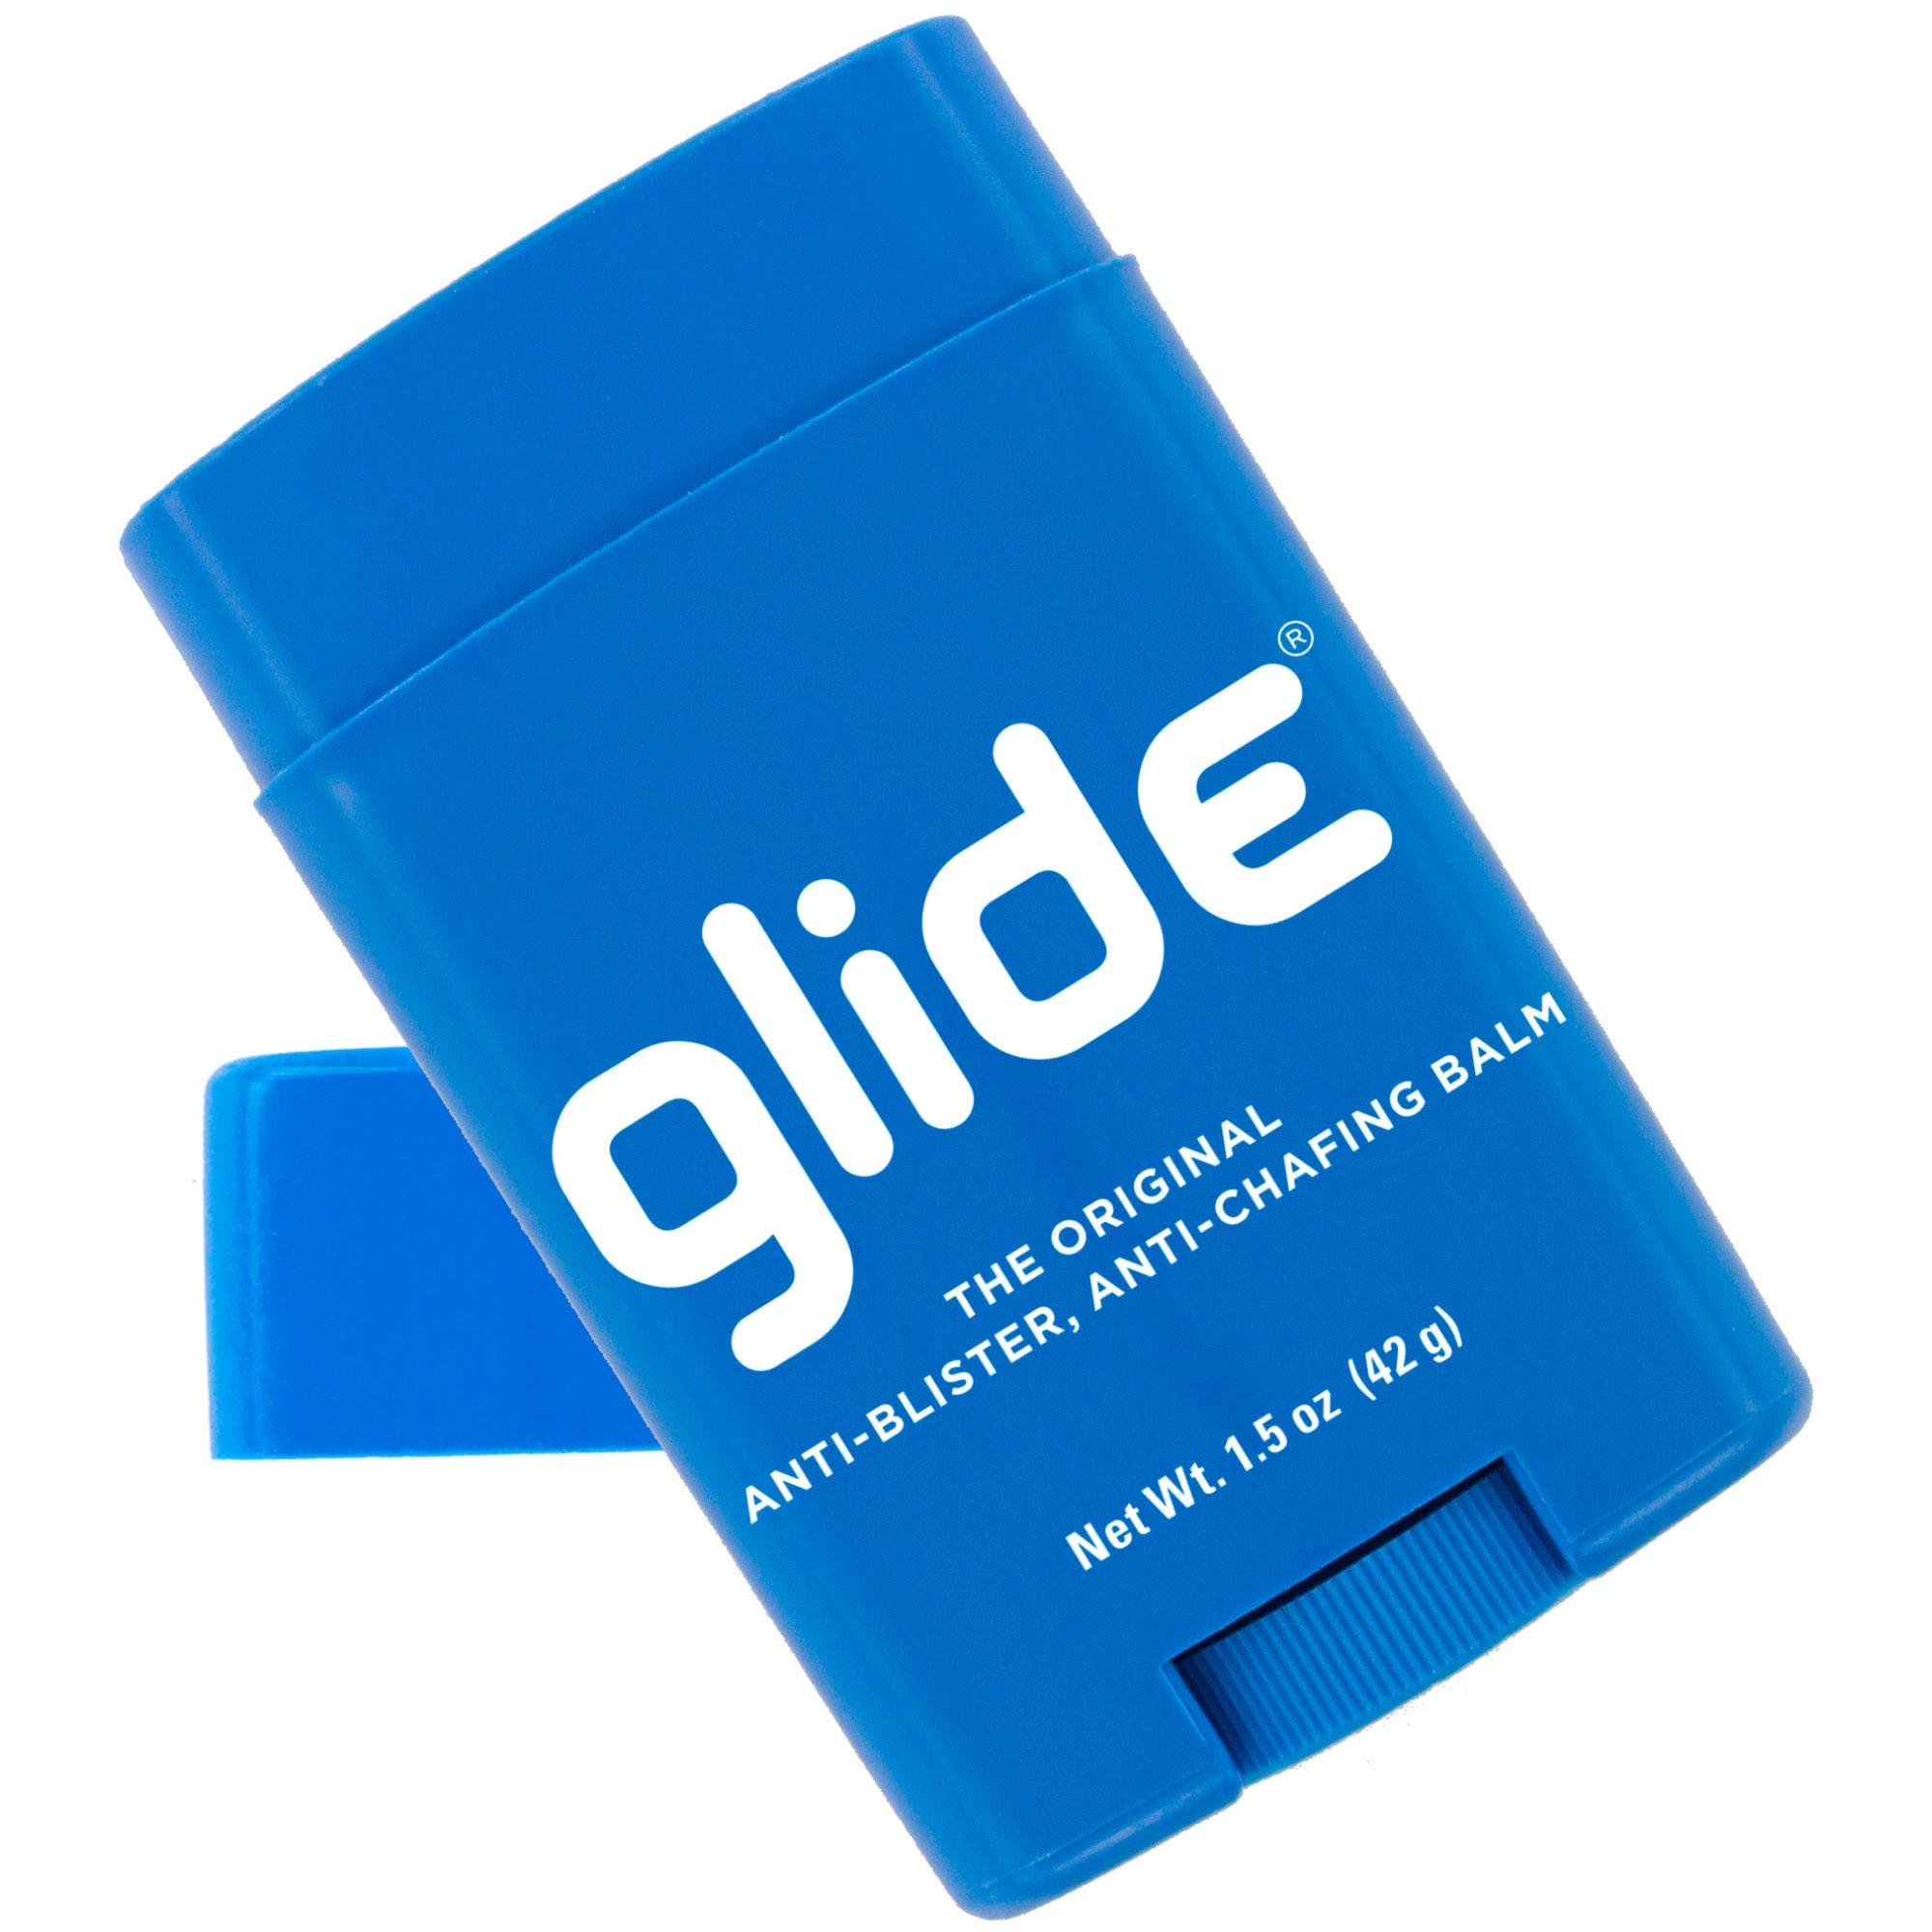 Bodyglide Stick anti sfregamento,  -, 36,9 g